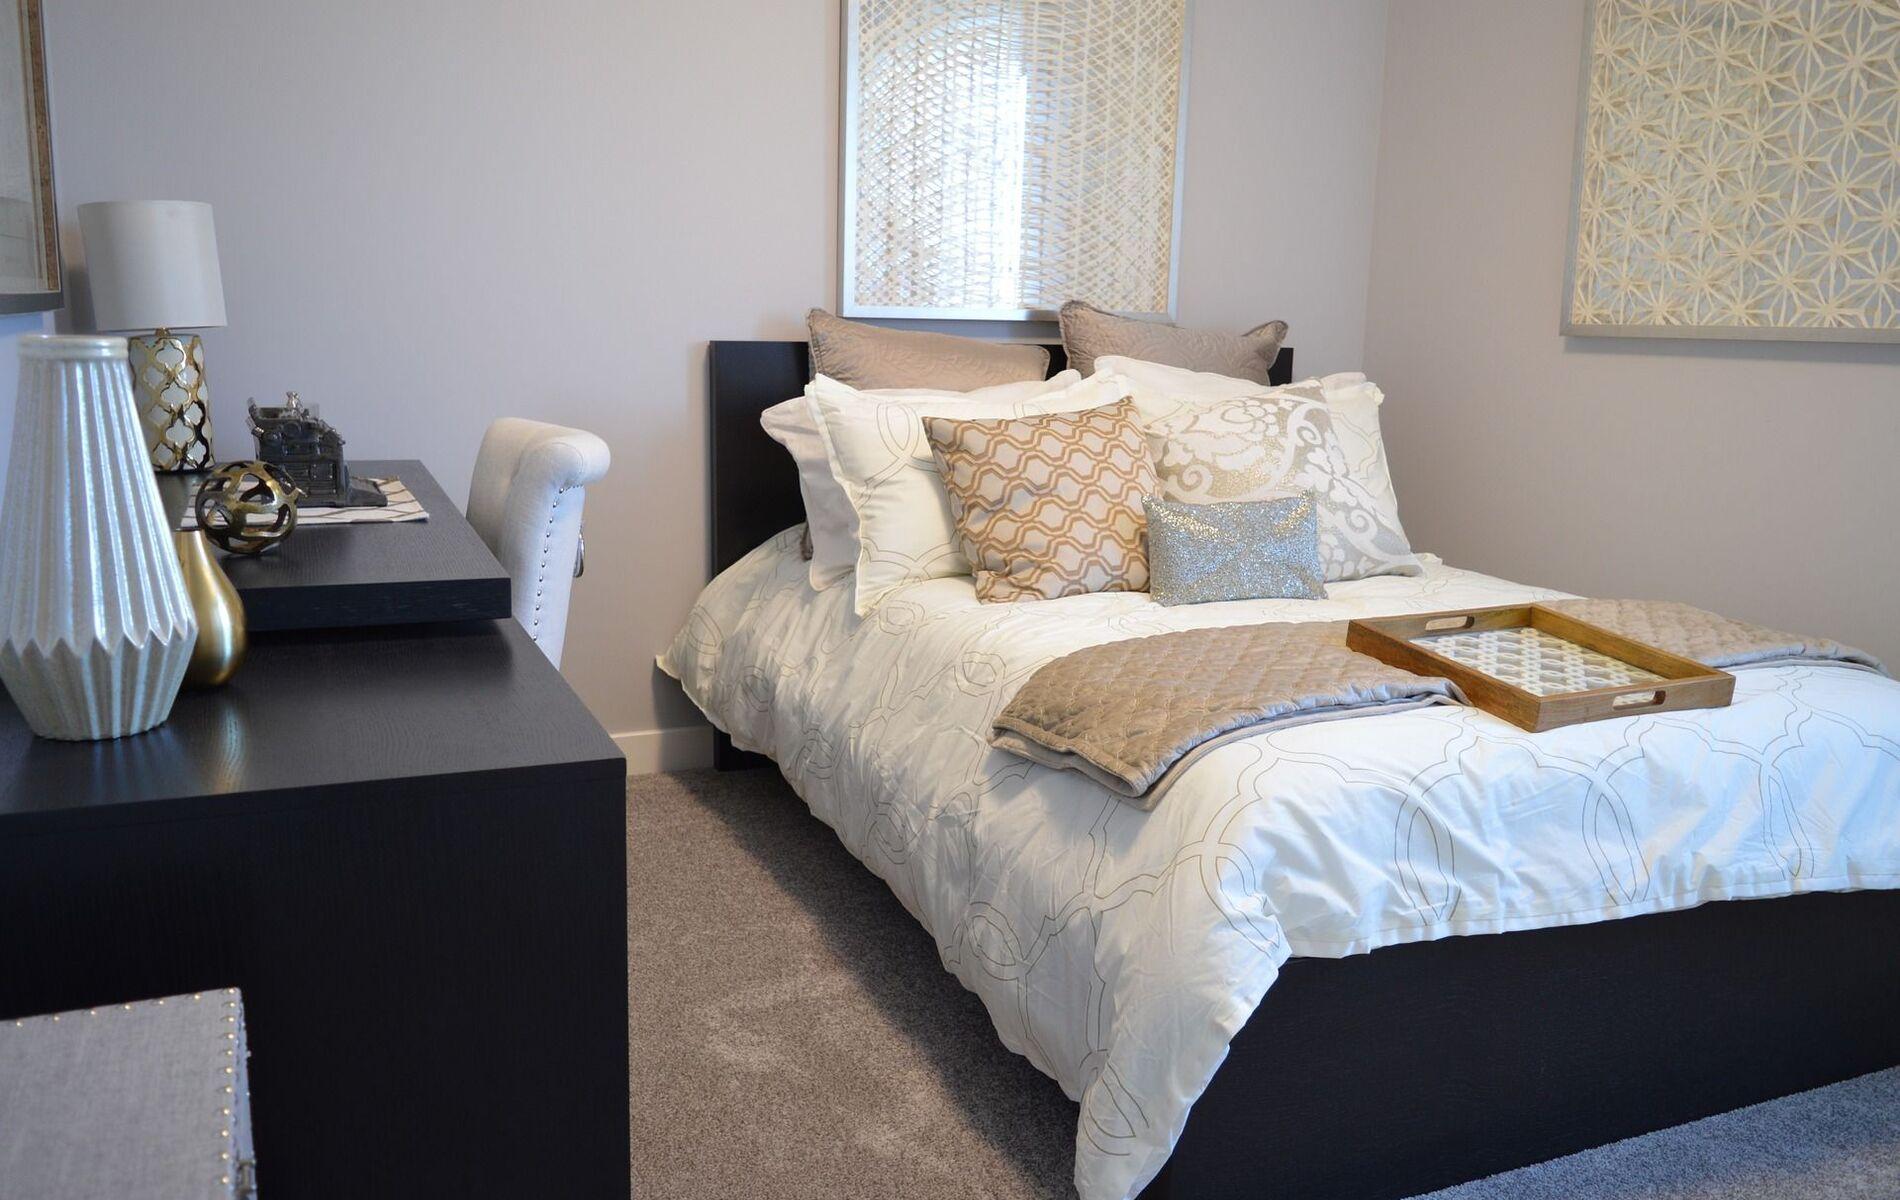 apartment rental amenities in rochester ny hidden creek amenities